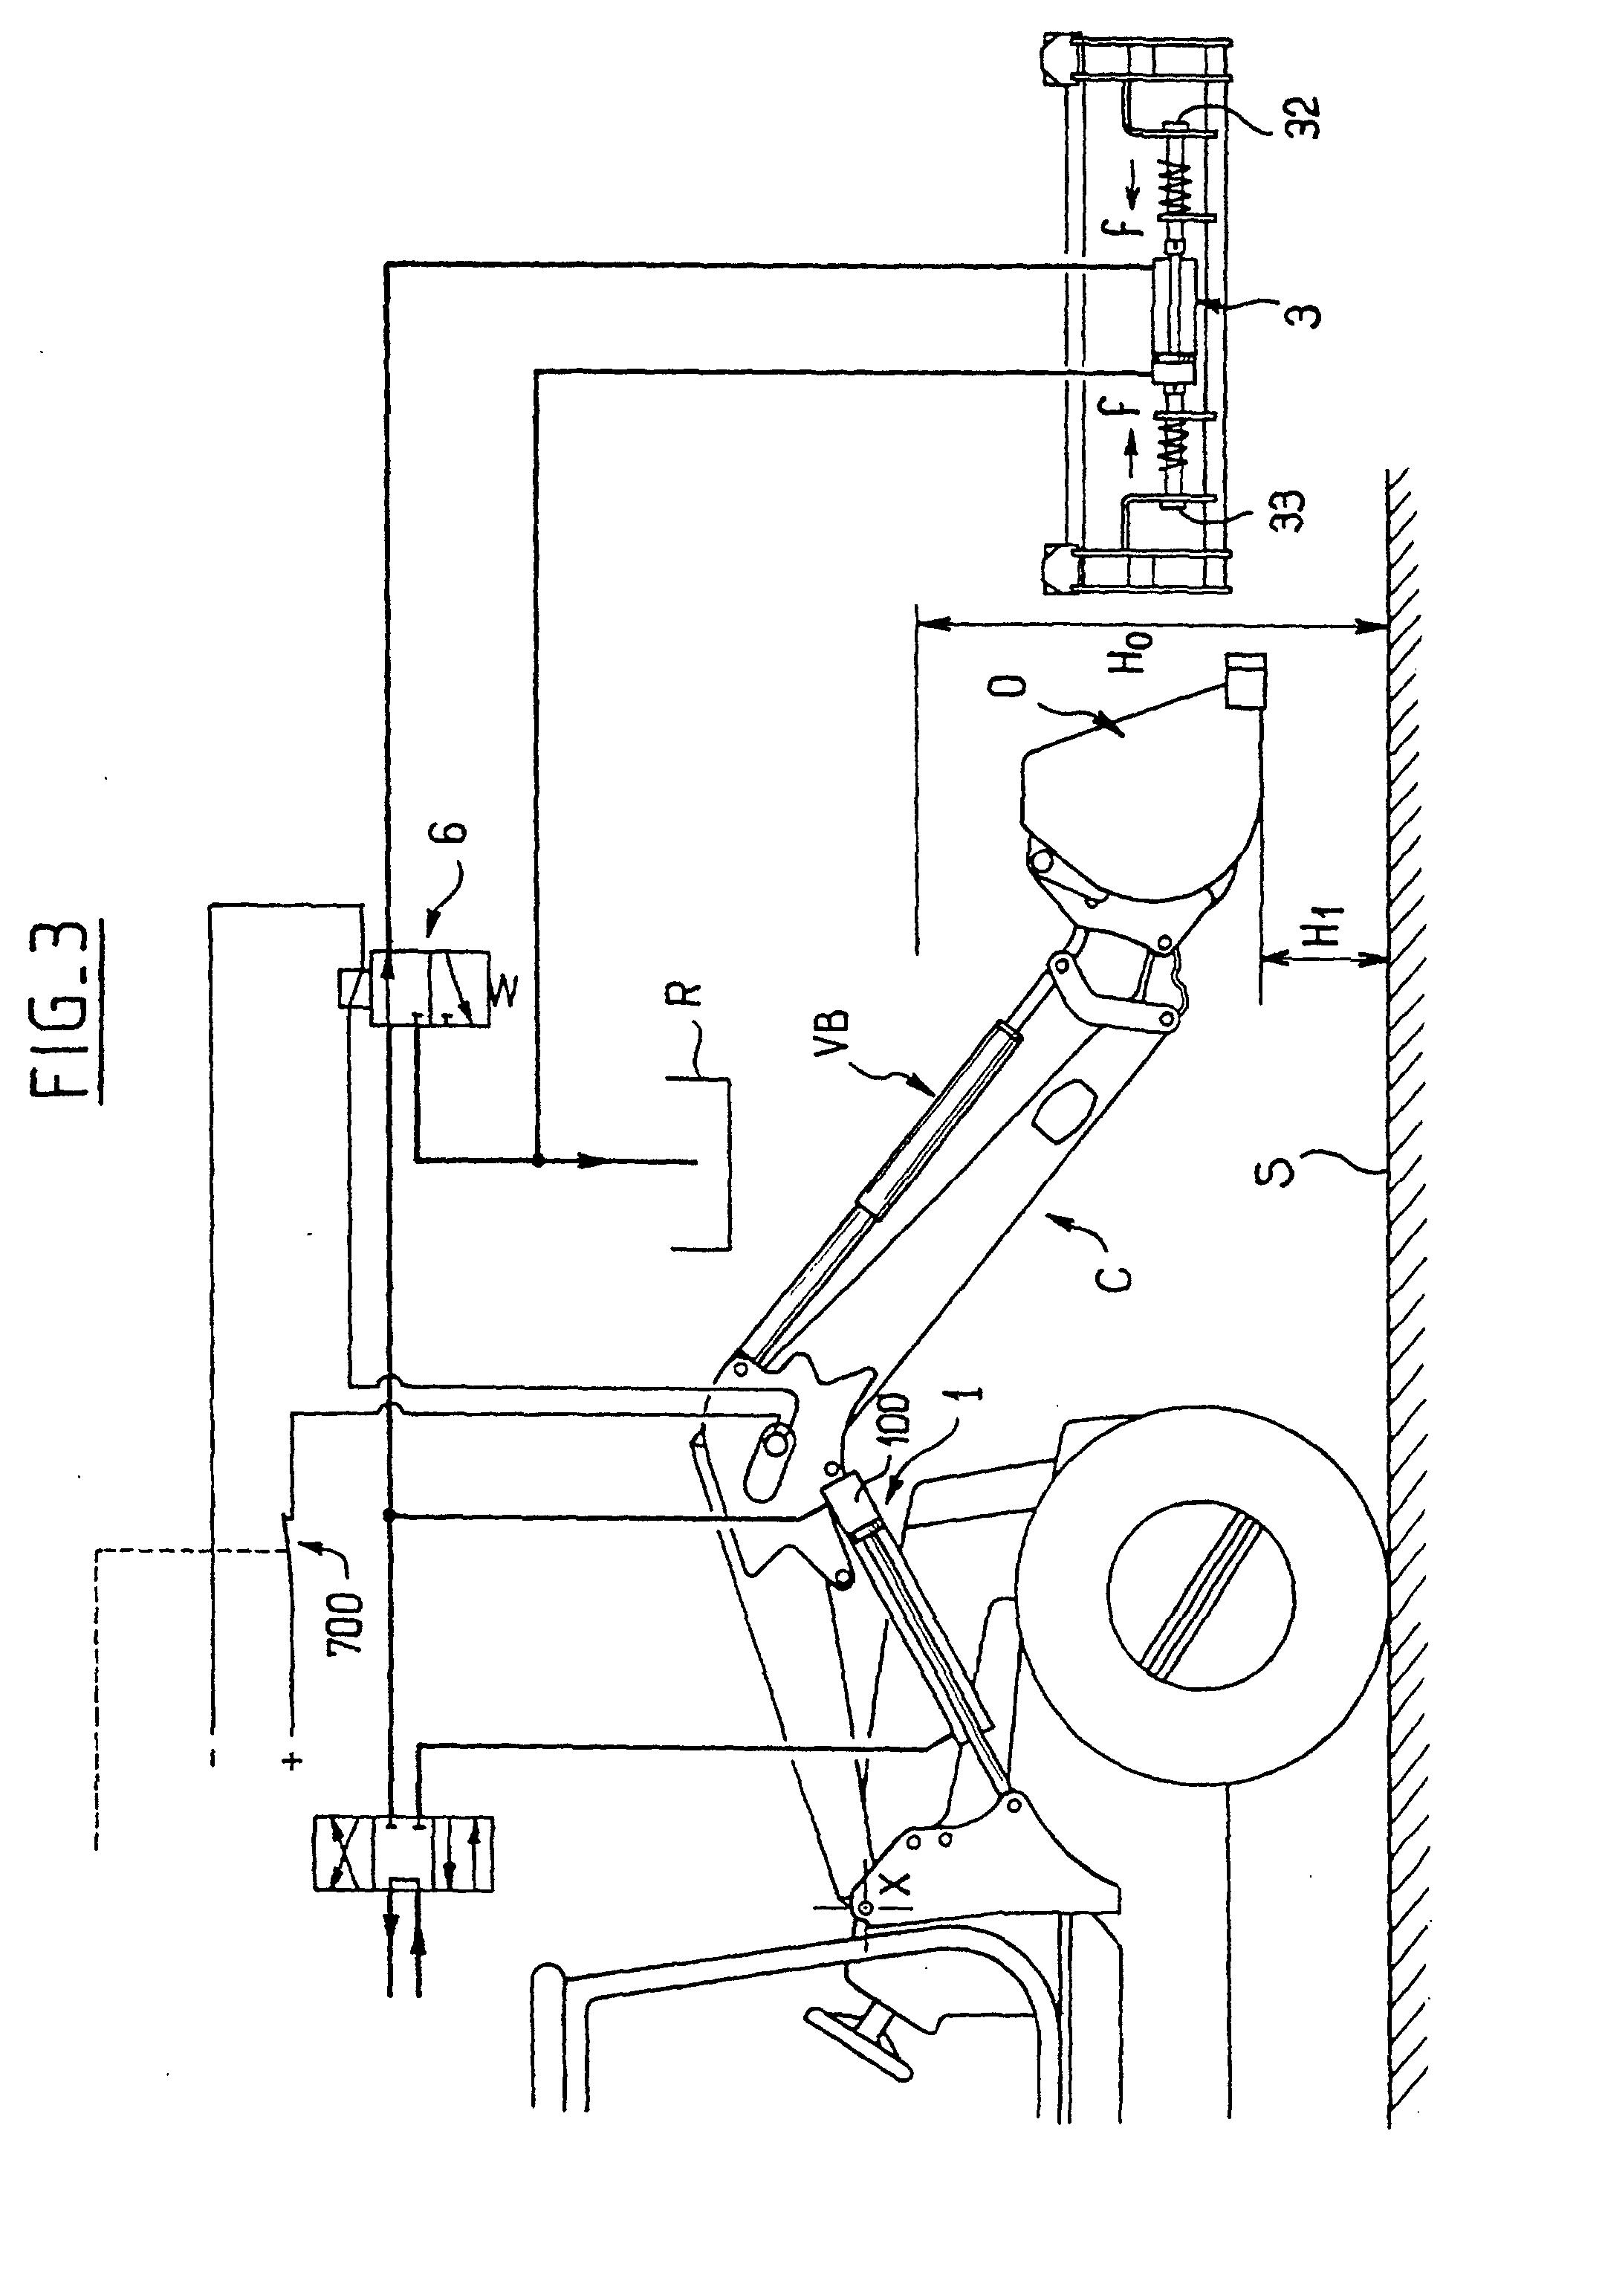 montage hydraulique sur david brown 880